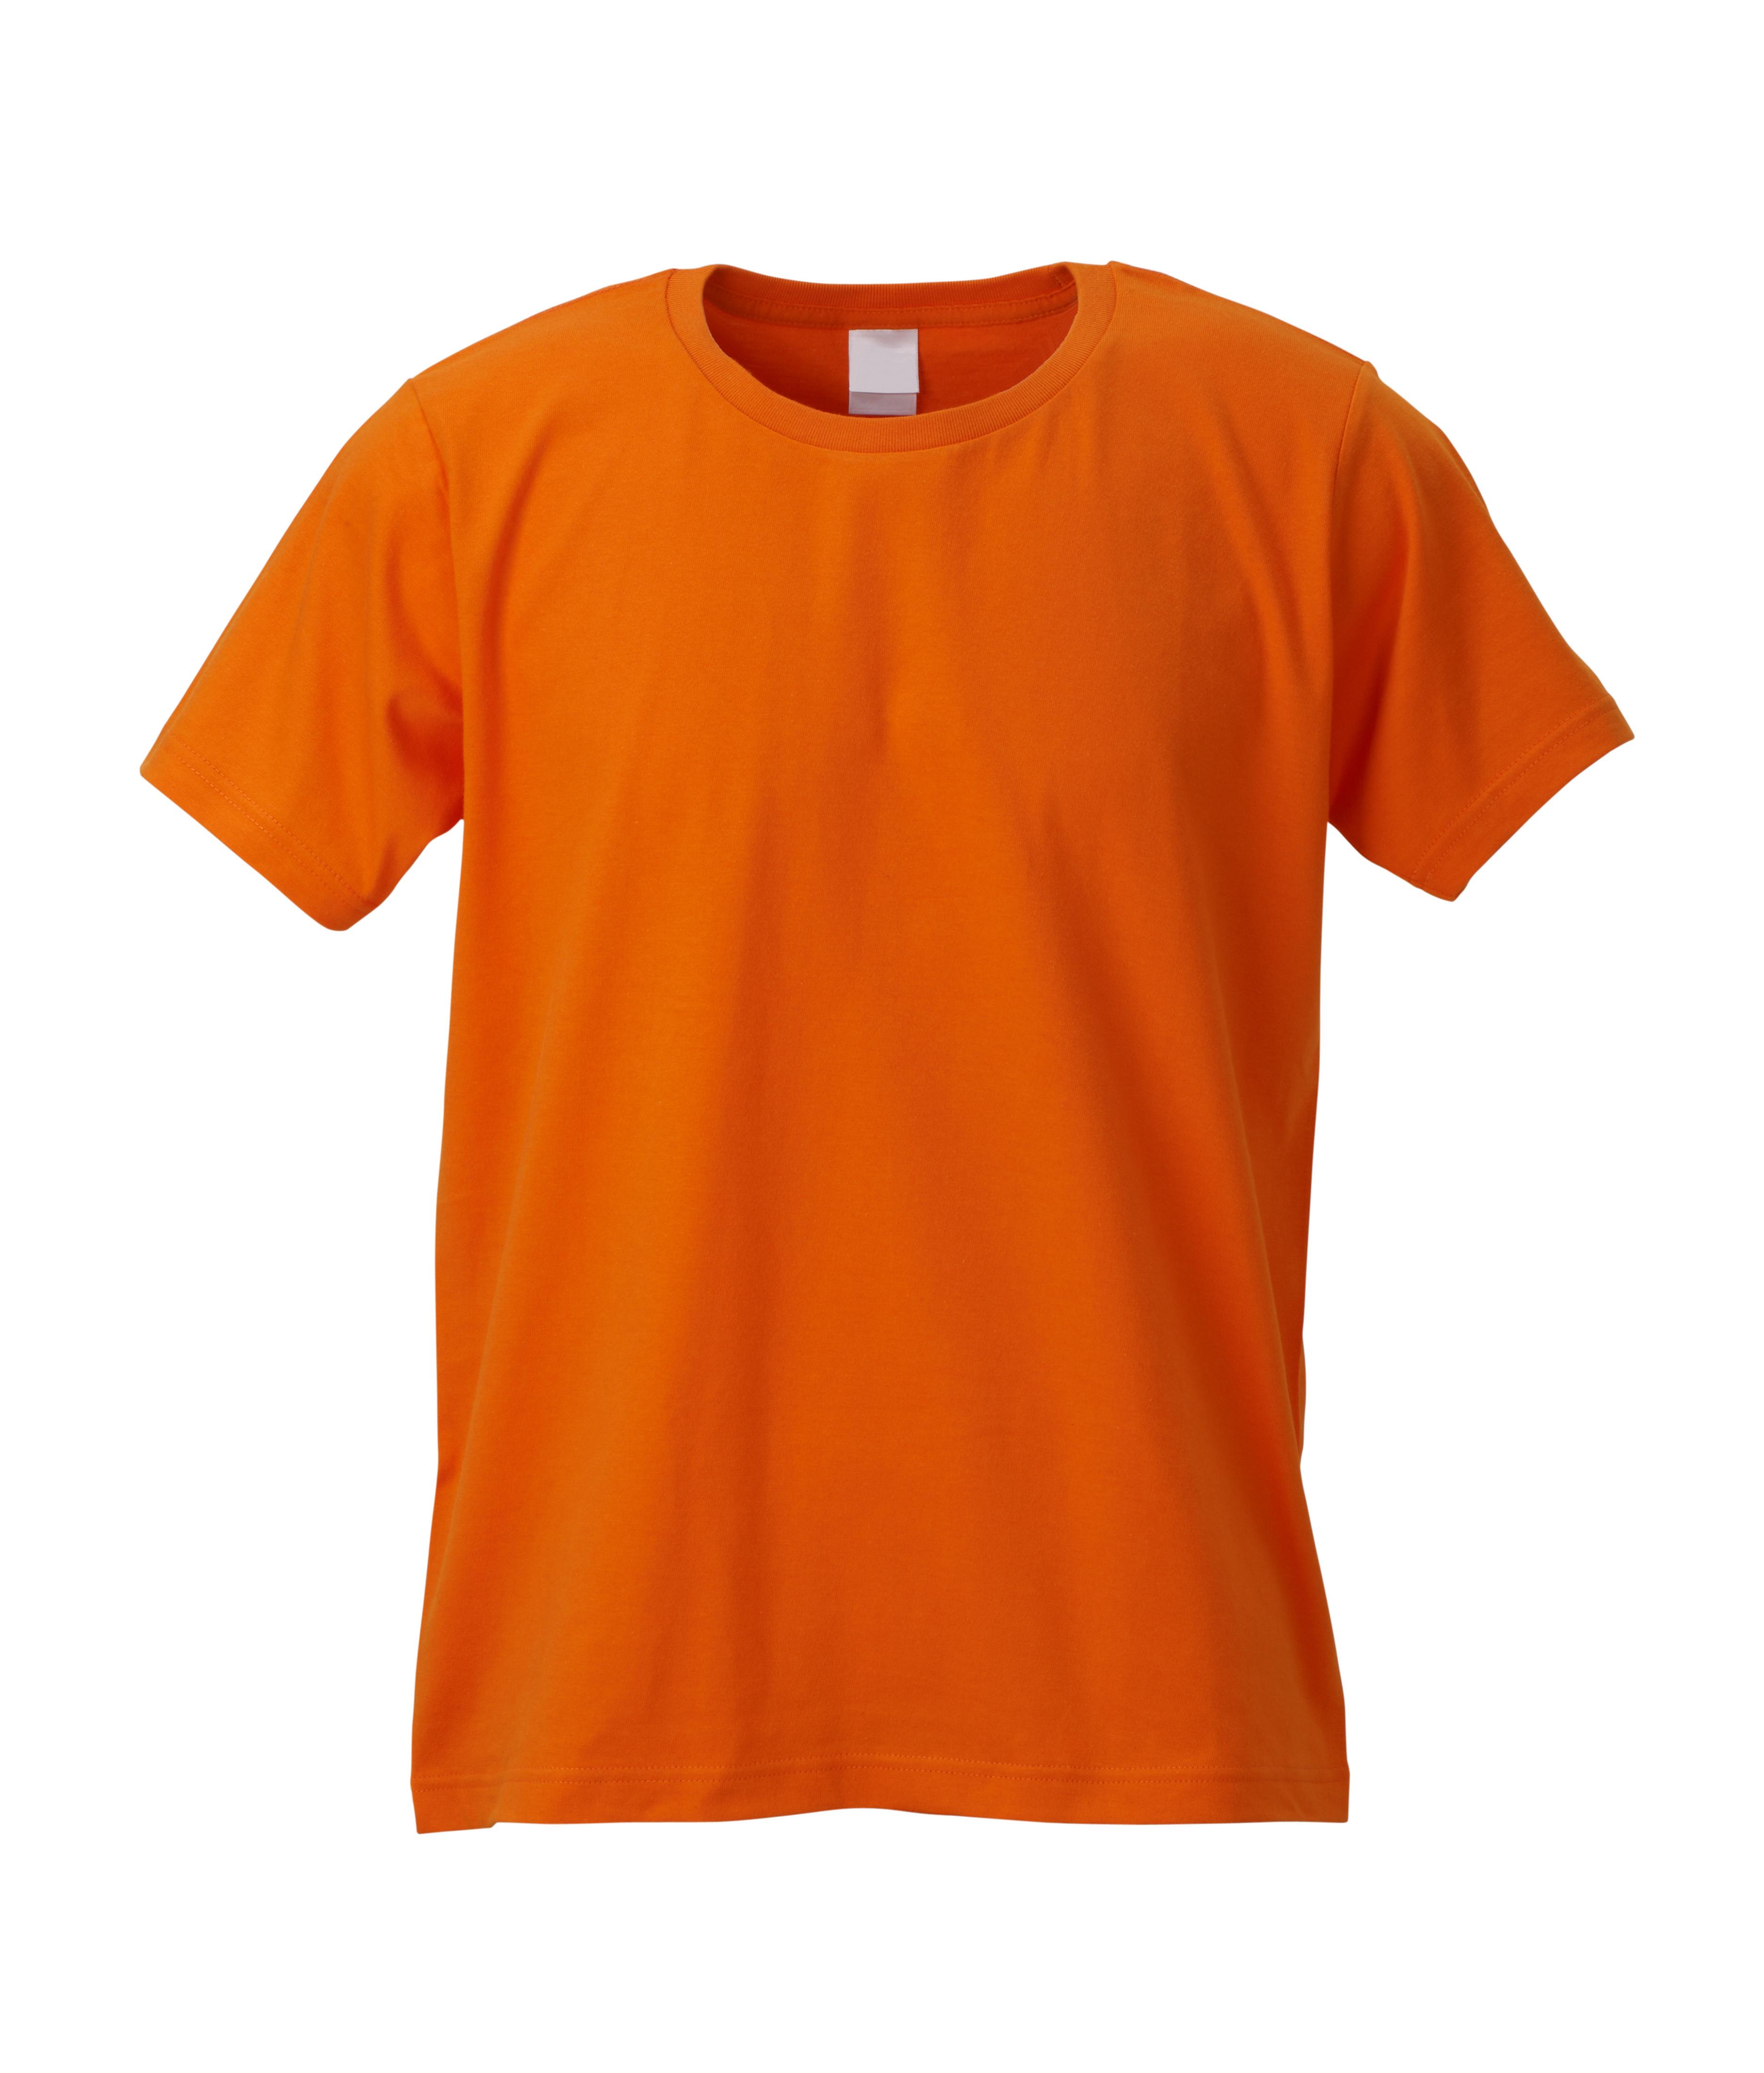 Symbolic Orange Shirt